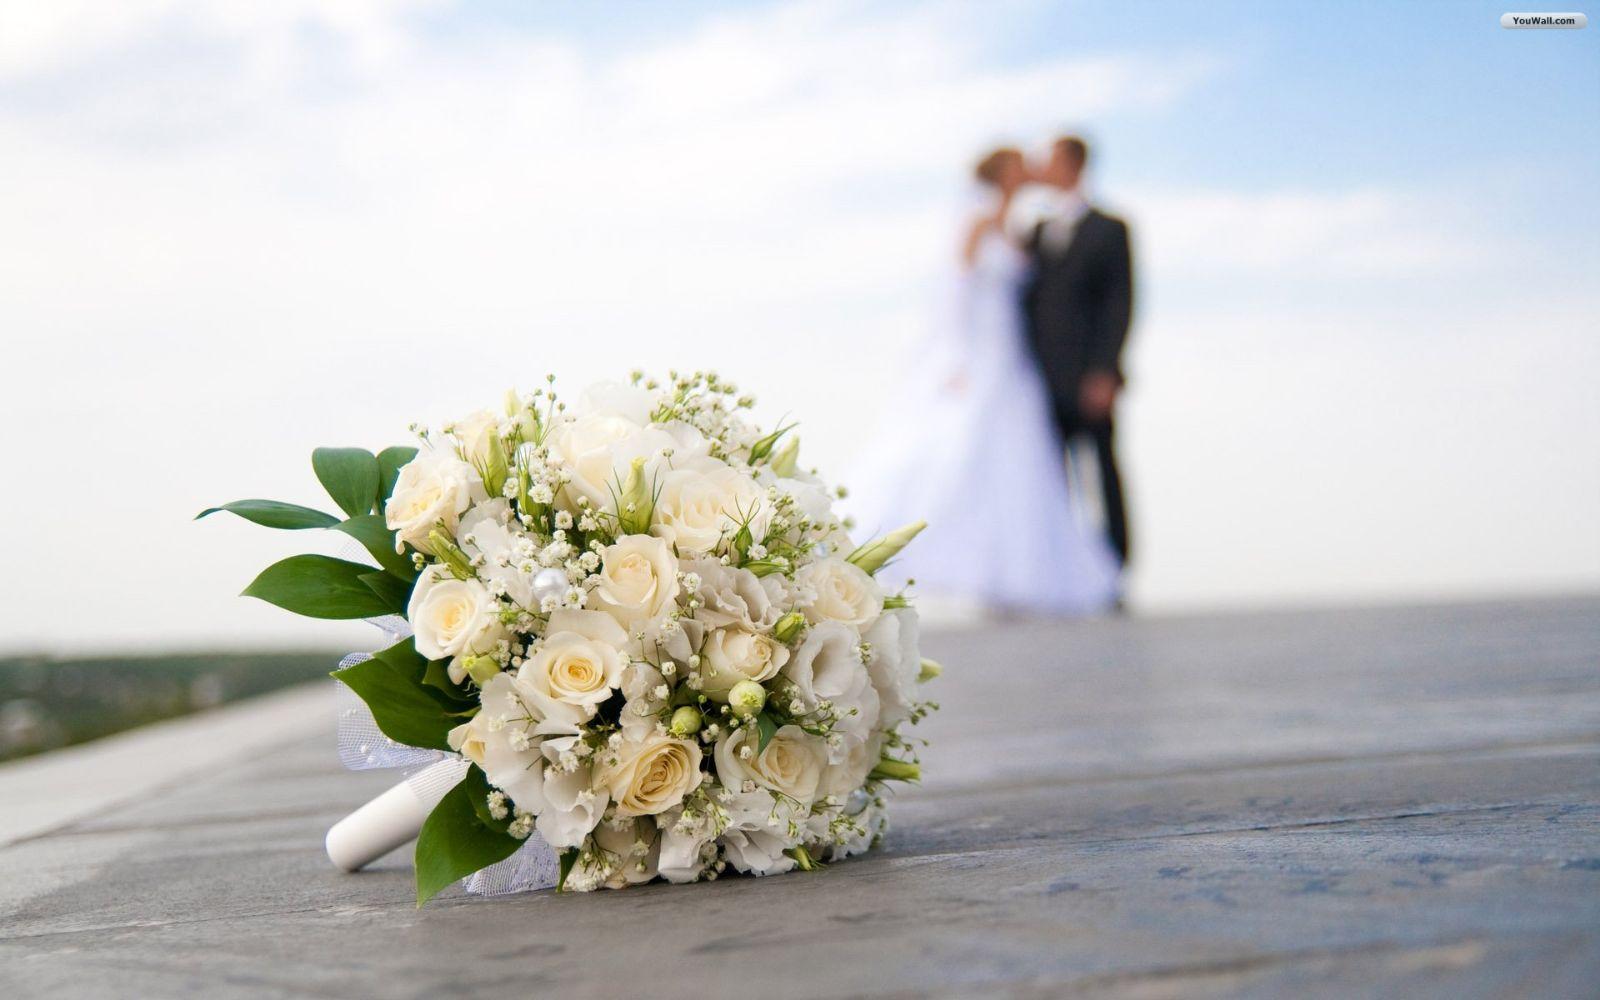 Kết quả hình ảnh cho hình cưới